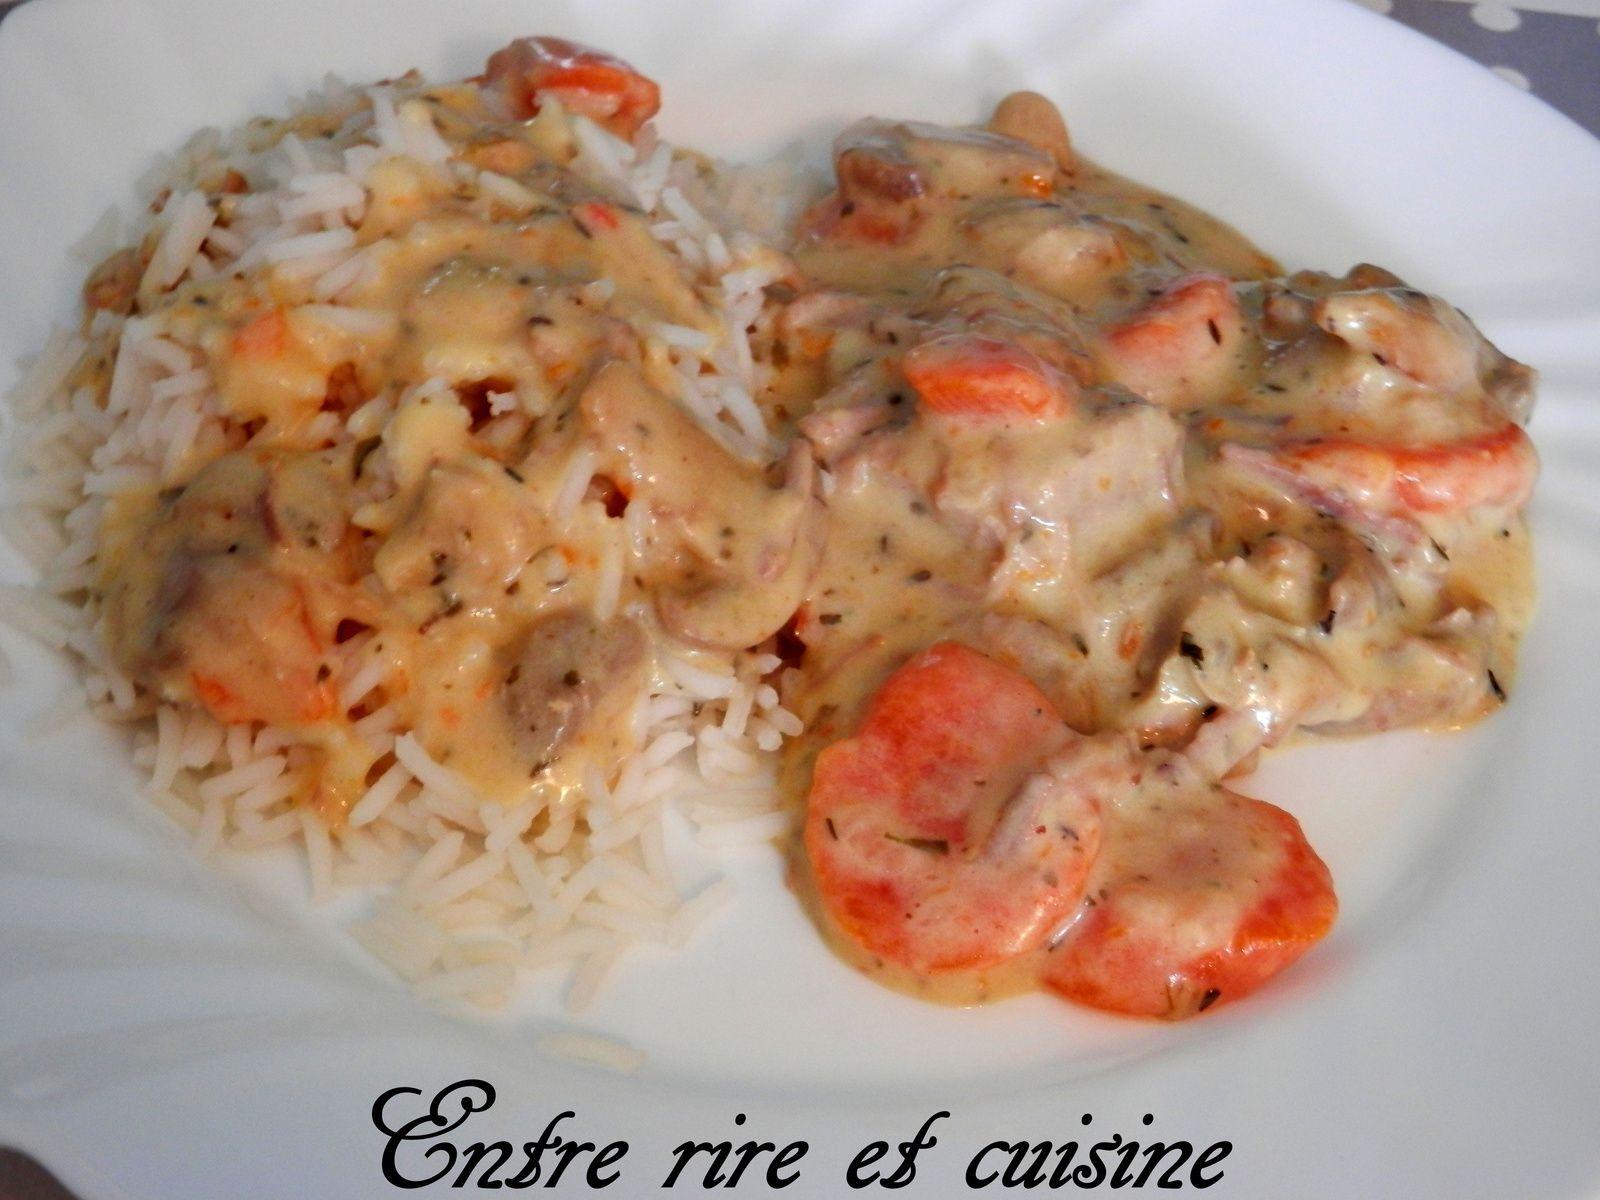 Filet mignon de porc fa on blanquette entre rire et cuisine - Entre rire et cuisine ...